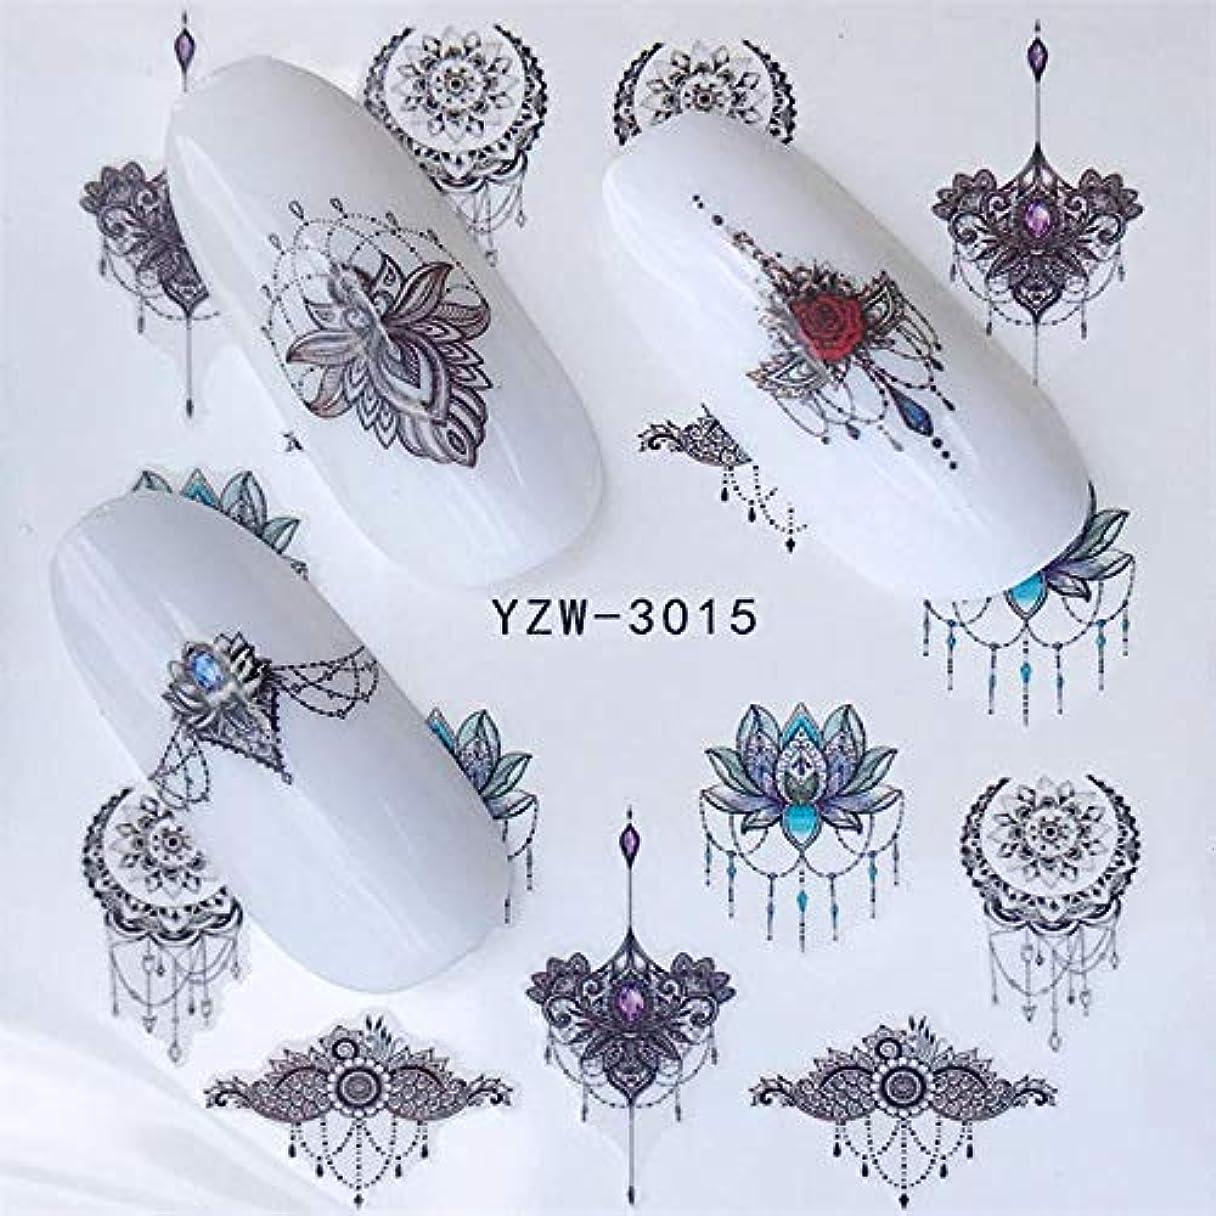 ネーピア開始大きさSUKTI&XIAO ネイルステッカー ネイルアートの透かしの入れ墨の装飾、Yzw-3015のためのネックレスの設計を設計して下さい